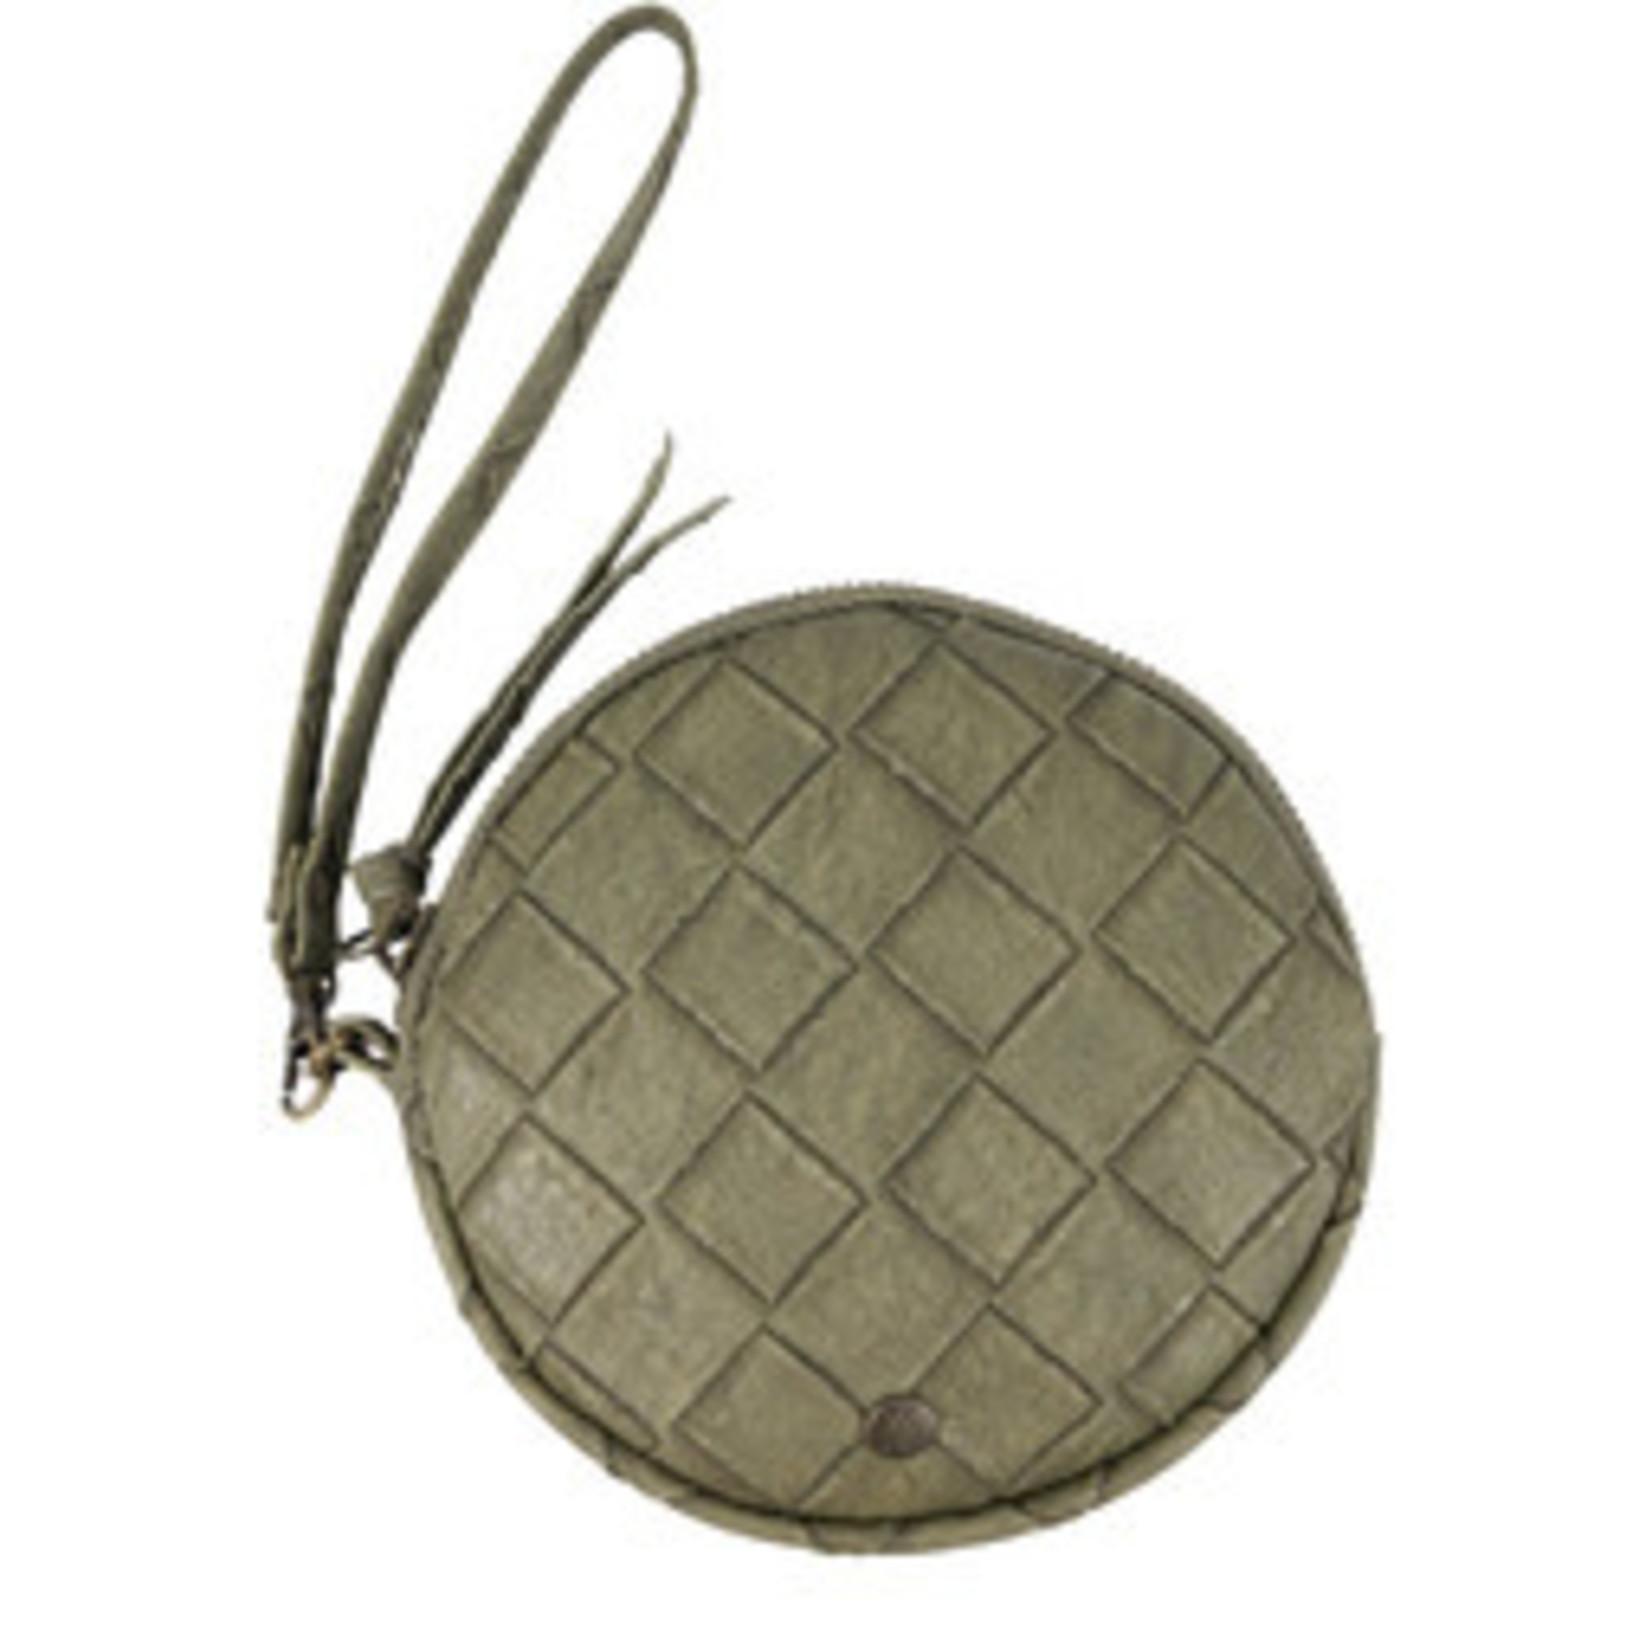 Rond tasje (portemonnee) zusss - Groen gevlochten